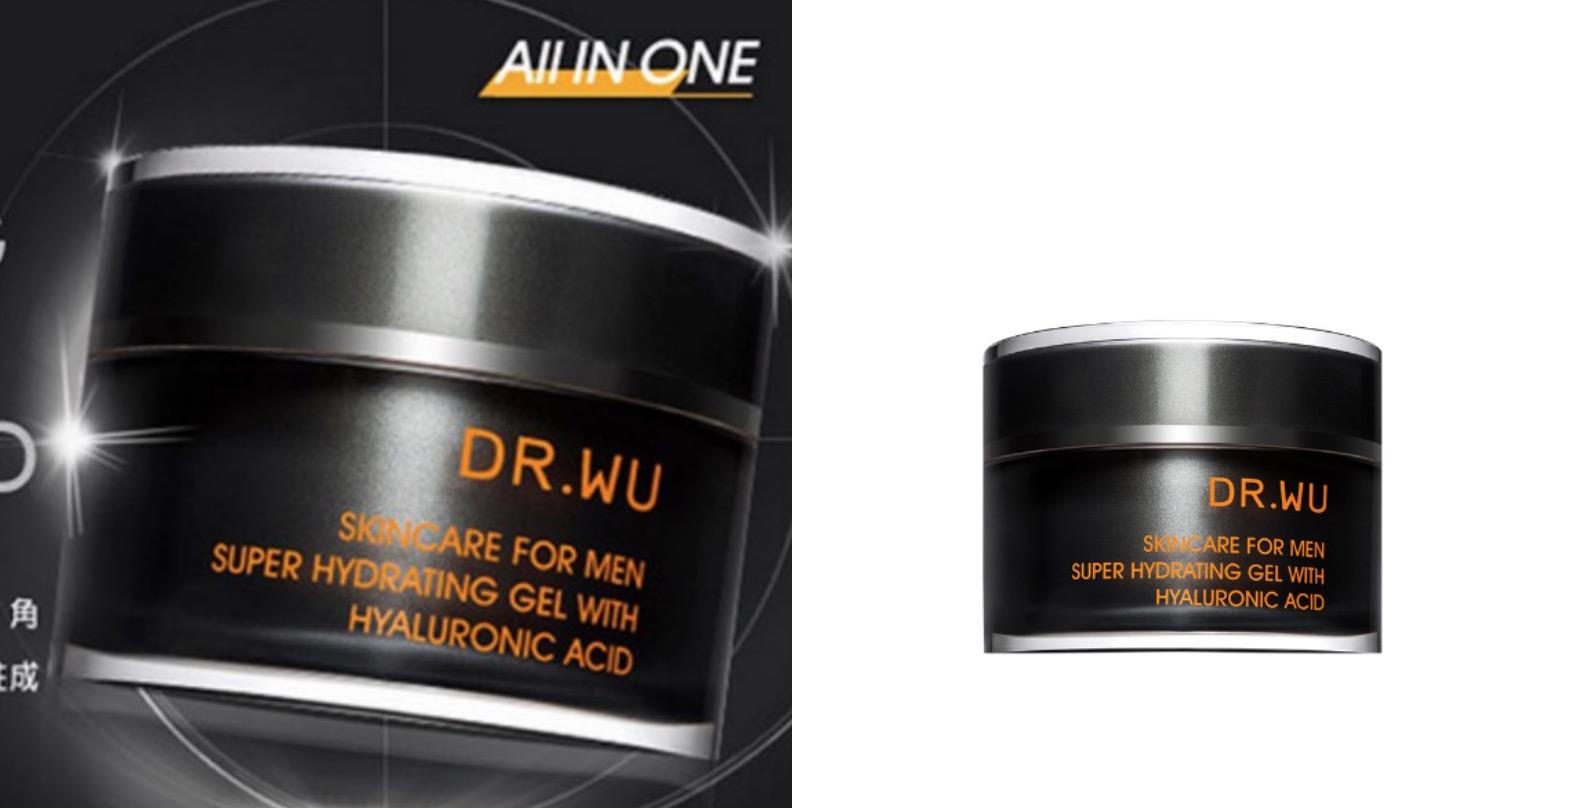 All-in-one 一瓶可改善肌膚多種問題,獨特凝露精華質地,完整包覆多重活性成分,內外強力保濕修復、撫平細紋、調理角質,為肌膚展現水嫩、緊緻、有彈性的完美膚質。